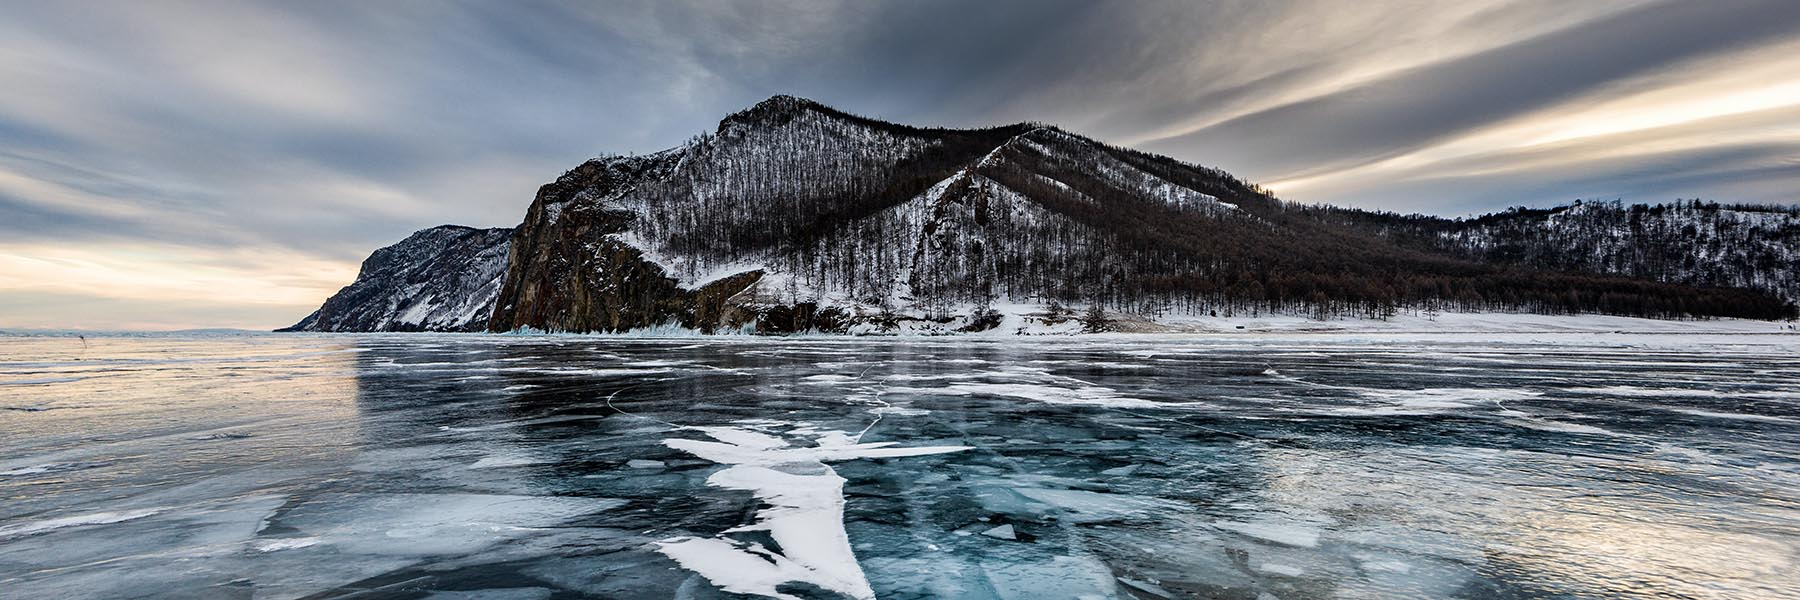 lake baikal trekking